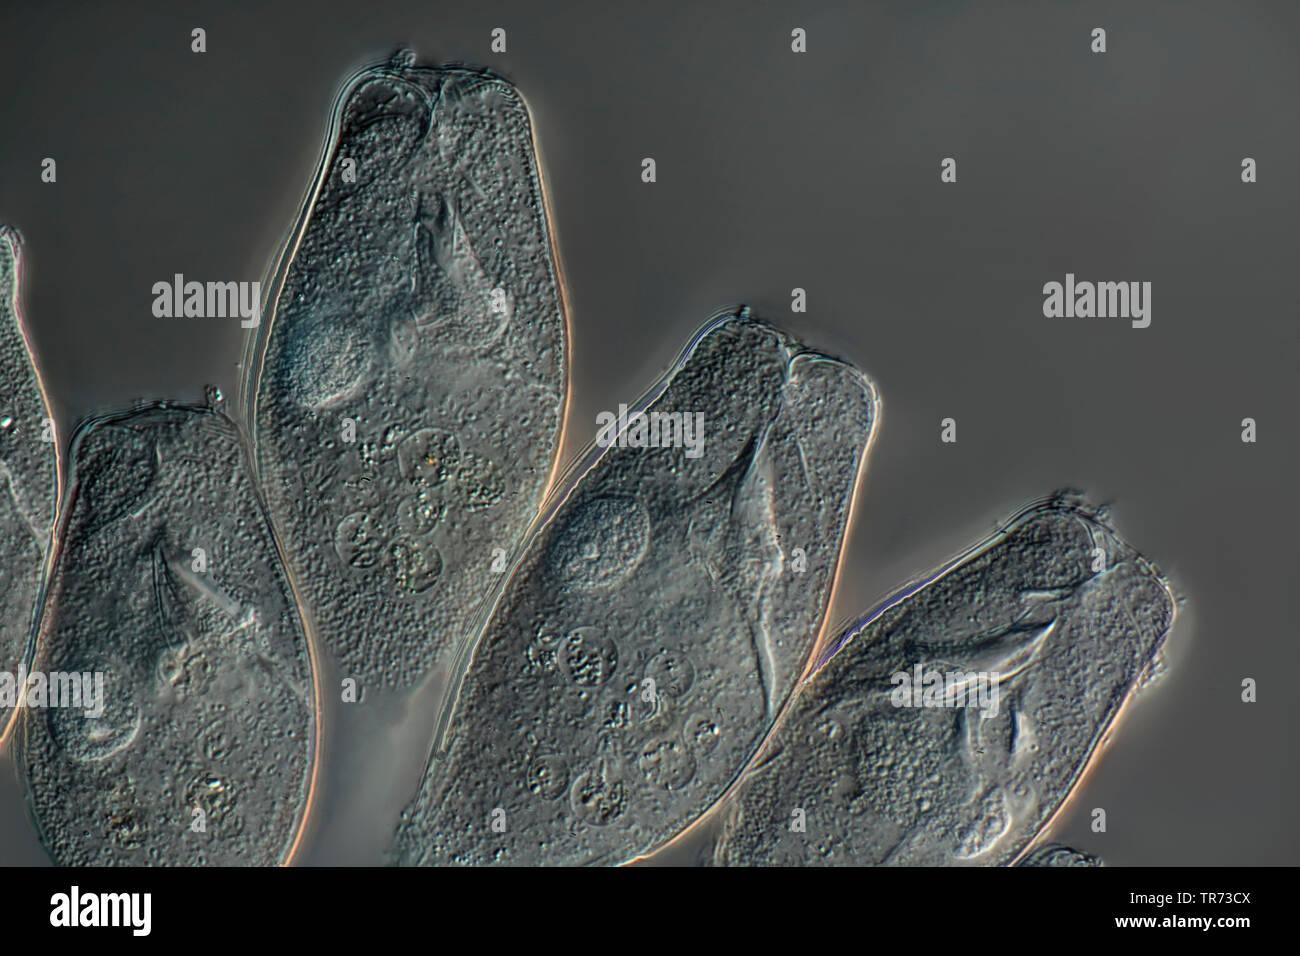 Vorticelle (vorticelle spec.), testa, Nomarski microscopia, Germania Immagini Stock